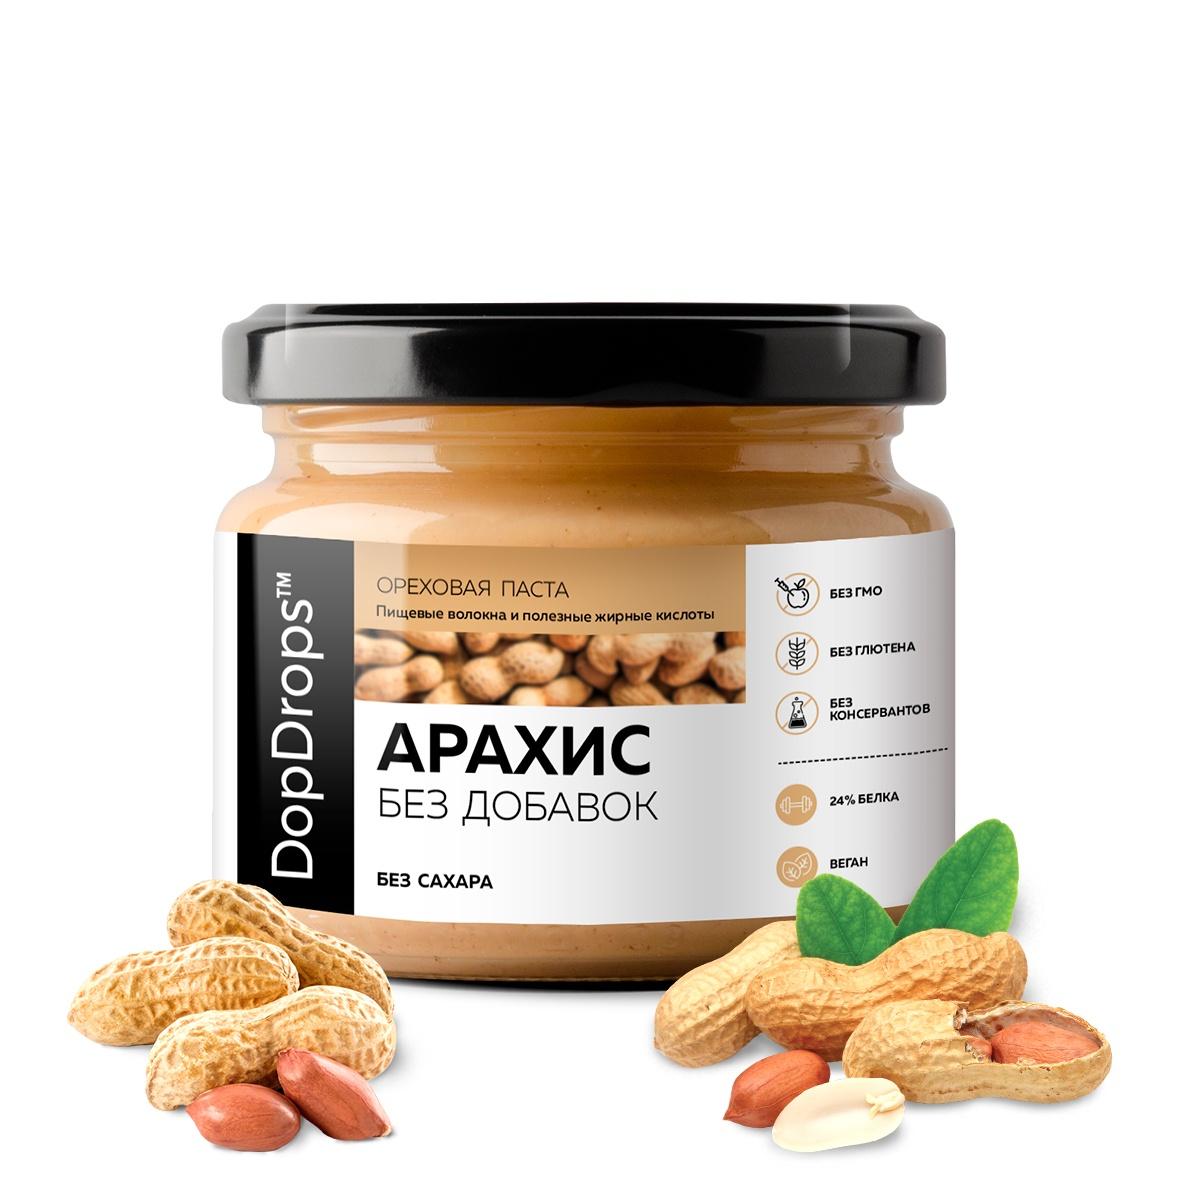 Ореховая Паста Диета. Можно ли есть арахисовую пасту на диете, польза и вред для худеющих